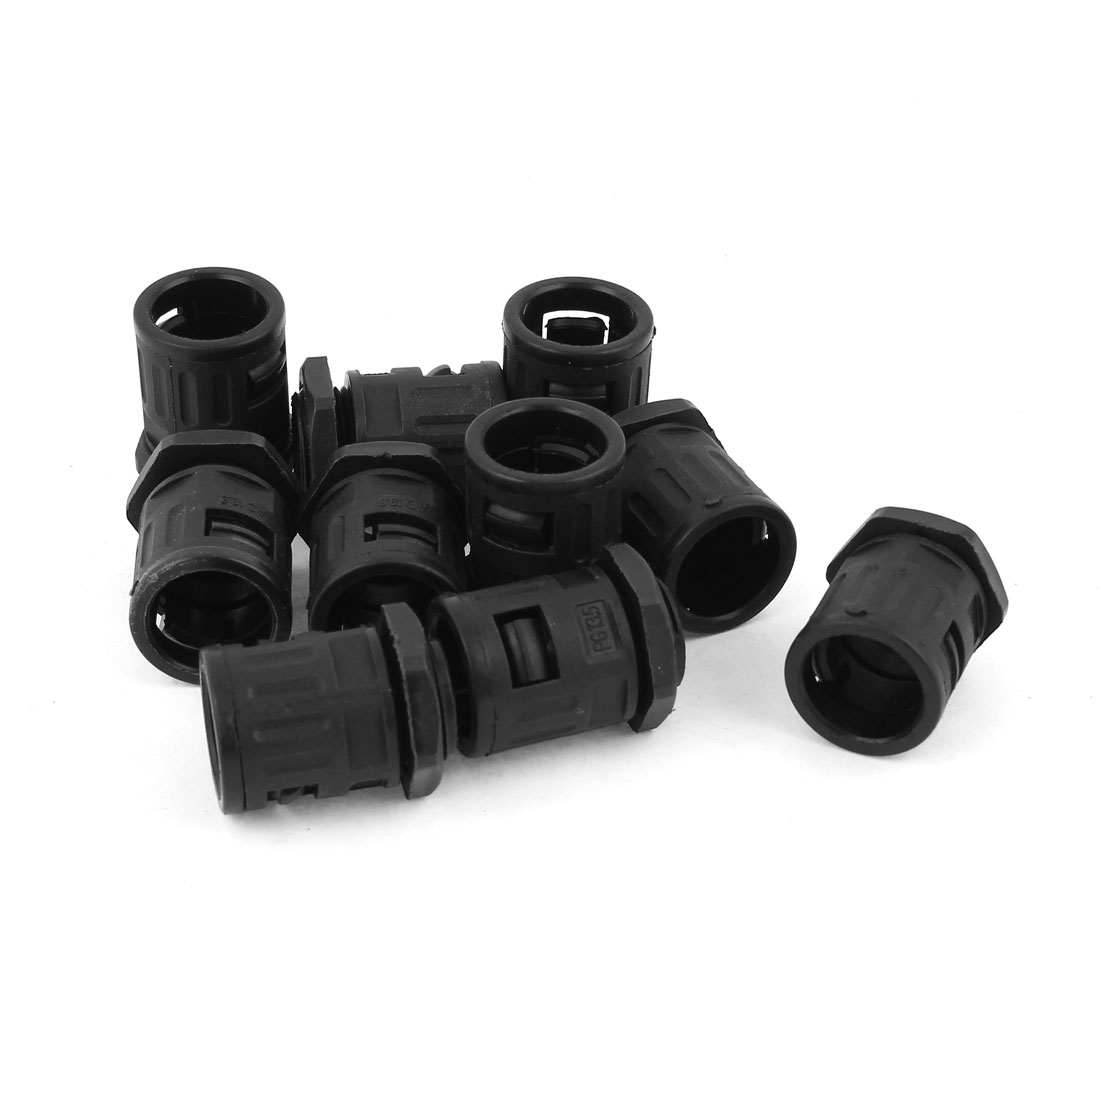 AD18.5 PG13.5 Plastic Flexible Round Cable Hose Connector Black 10 pcs